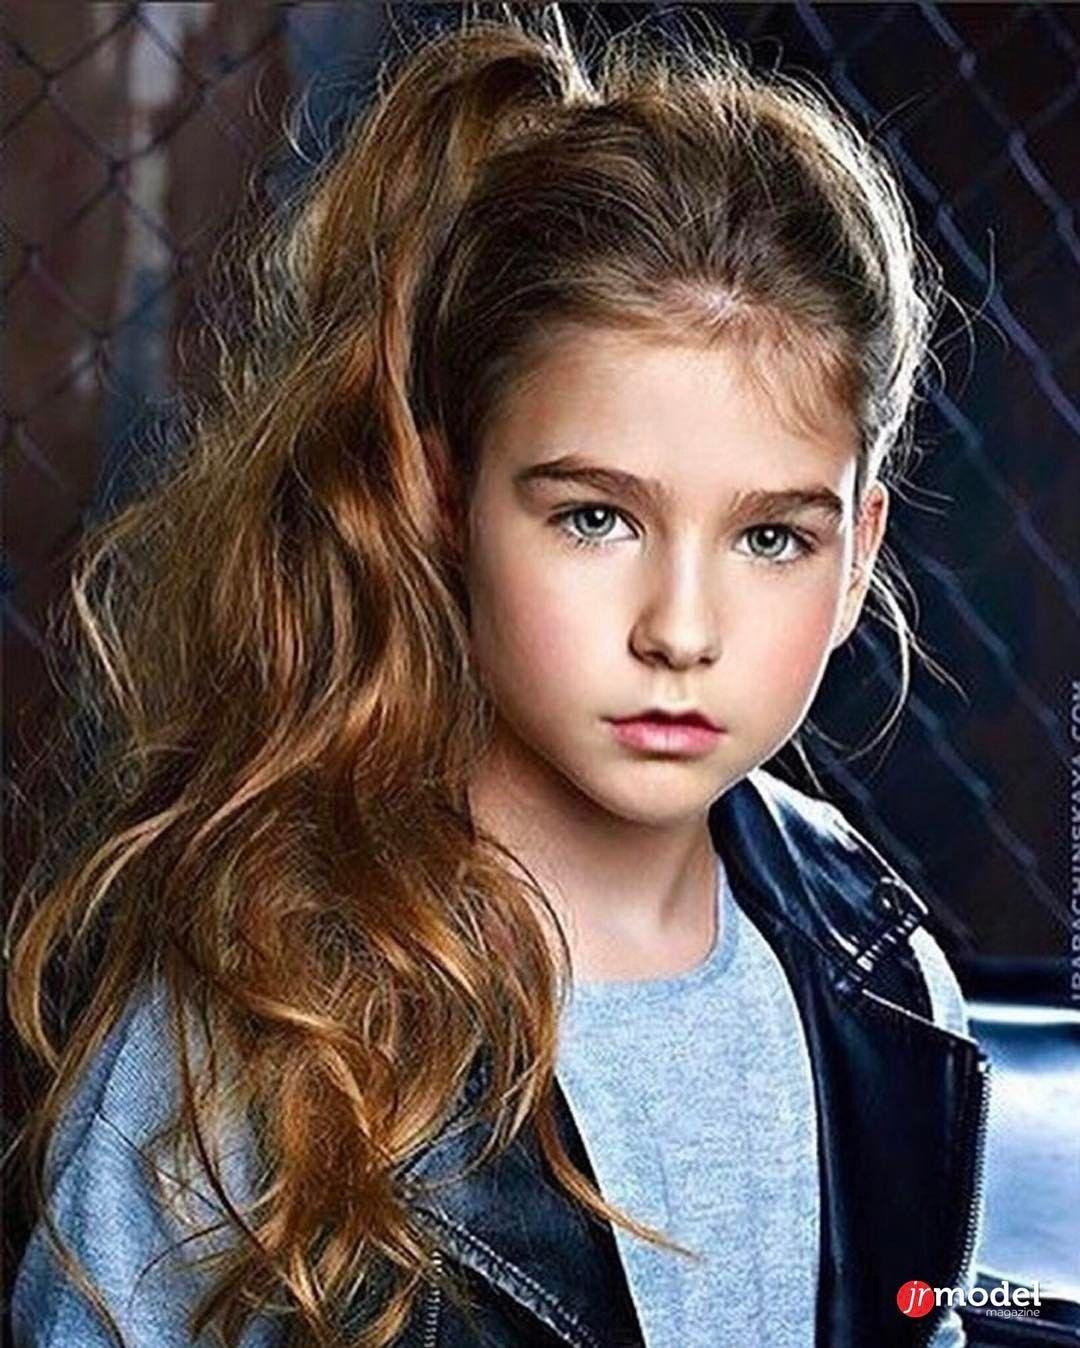 Look out for beautiful Ekaterina Perova @ekaterina_perova